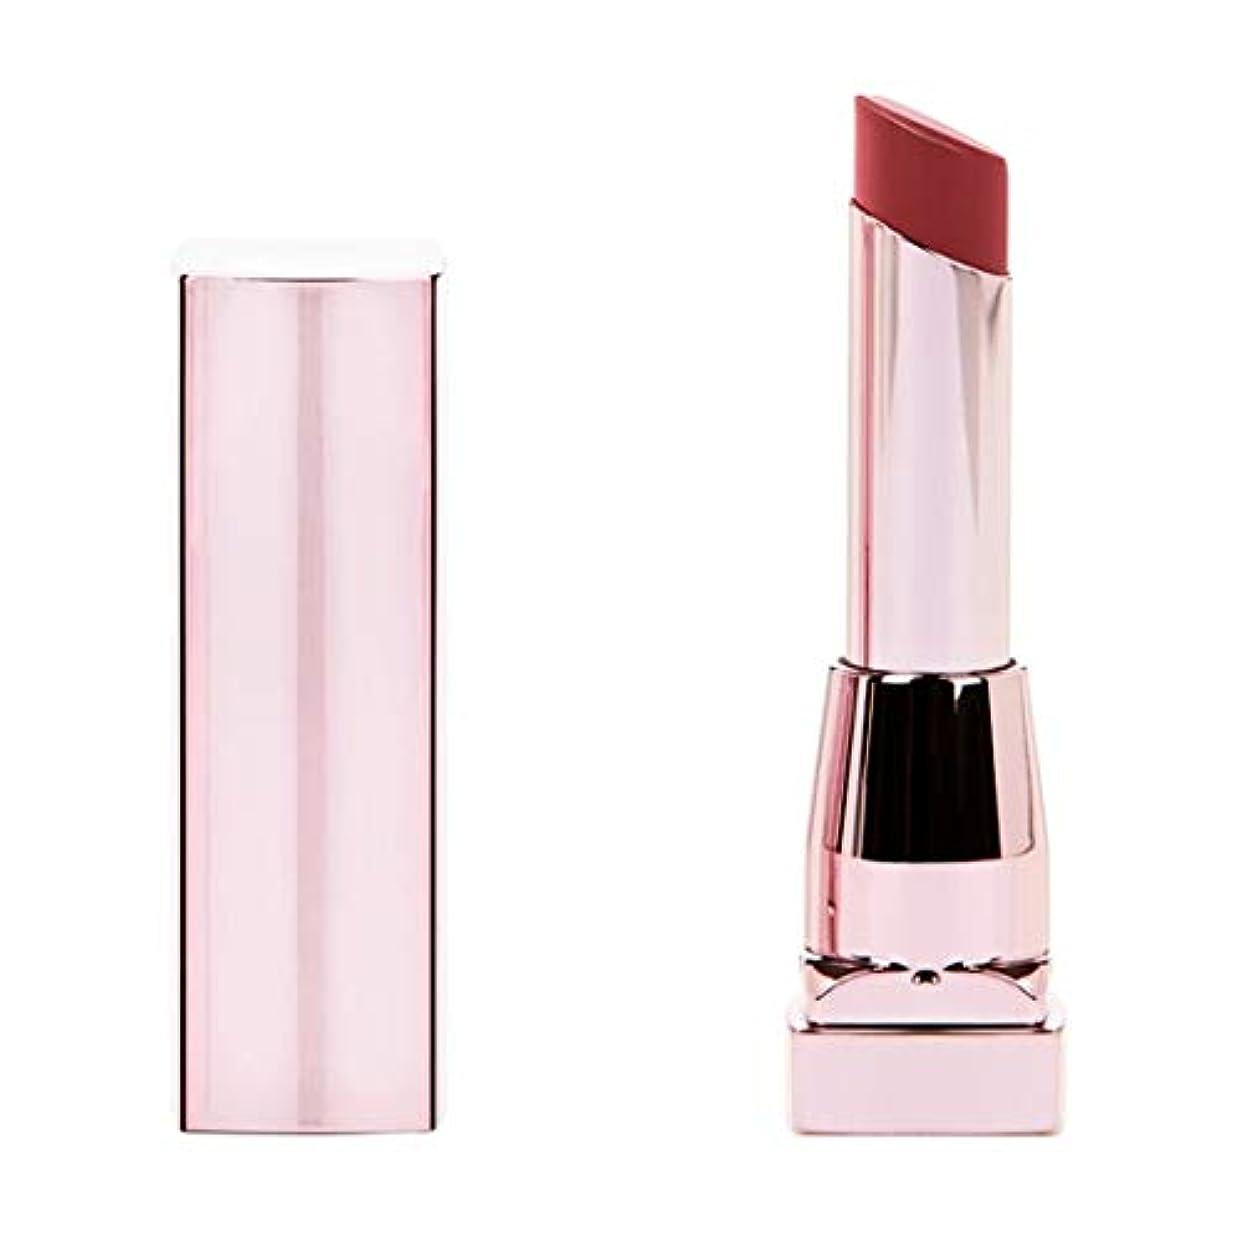 純度絶望的な漫画(6 Pack) MAYBELLINE Color Sensational Shine Compulsion Lipstick - Scarlet Flame 090 (並行輸入品)